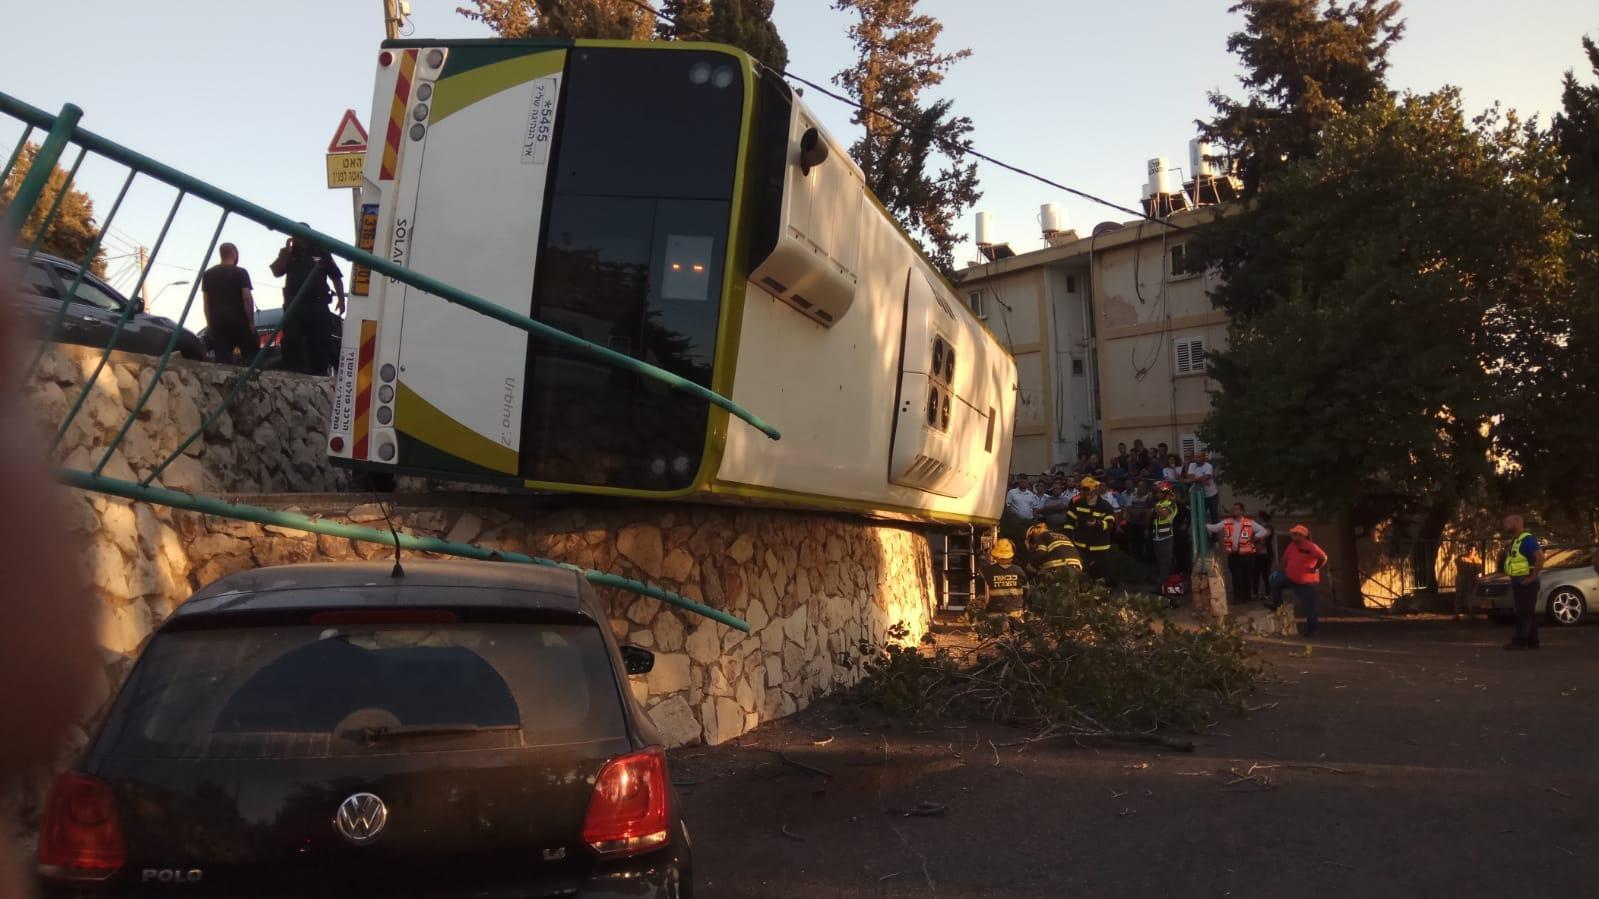 אוטובוס התהפך על צידו בנצרת עילית – צפו בתמונות